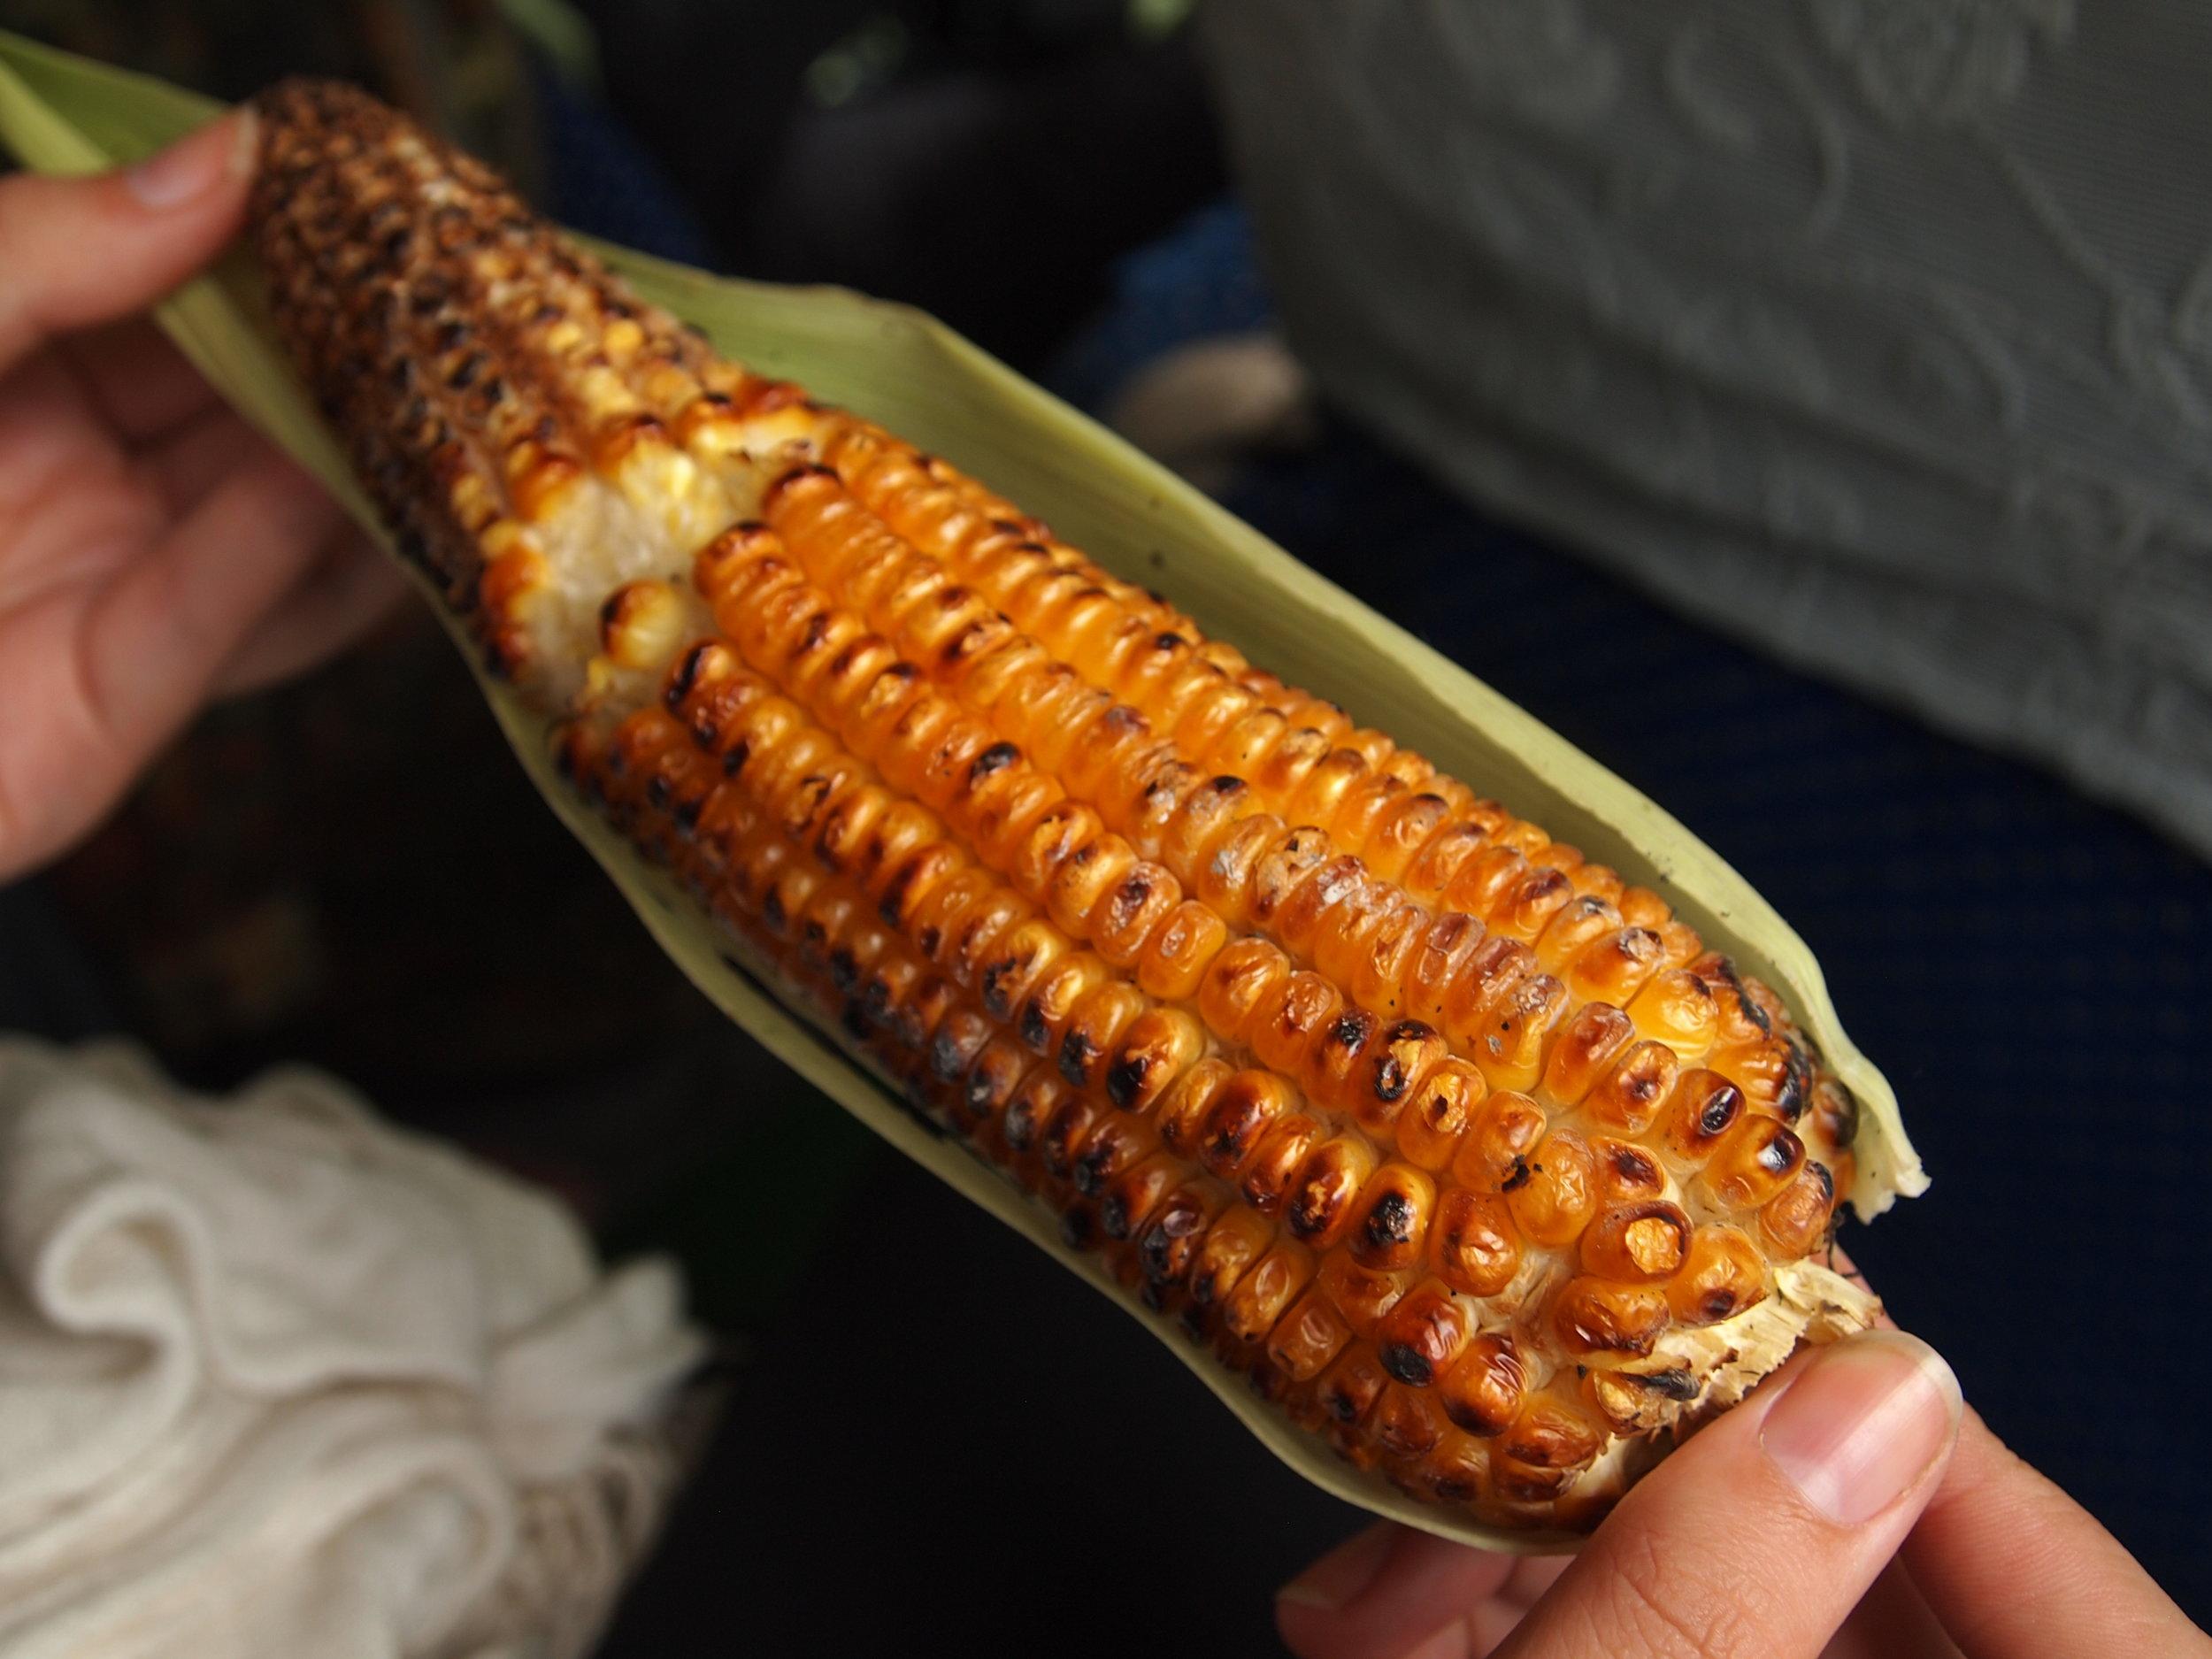 Roasted roadside maize.